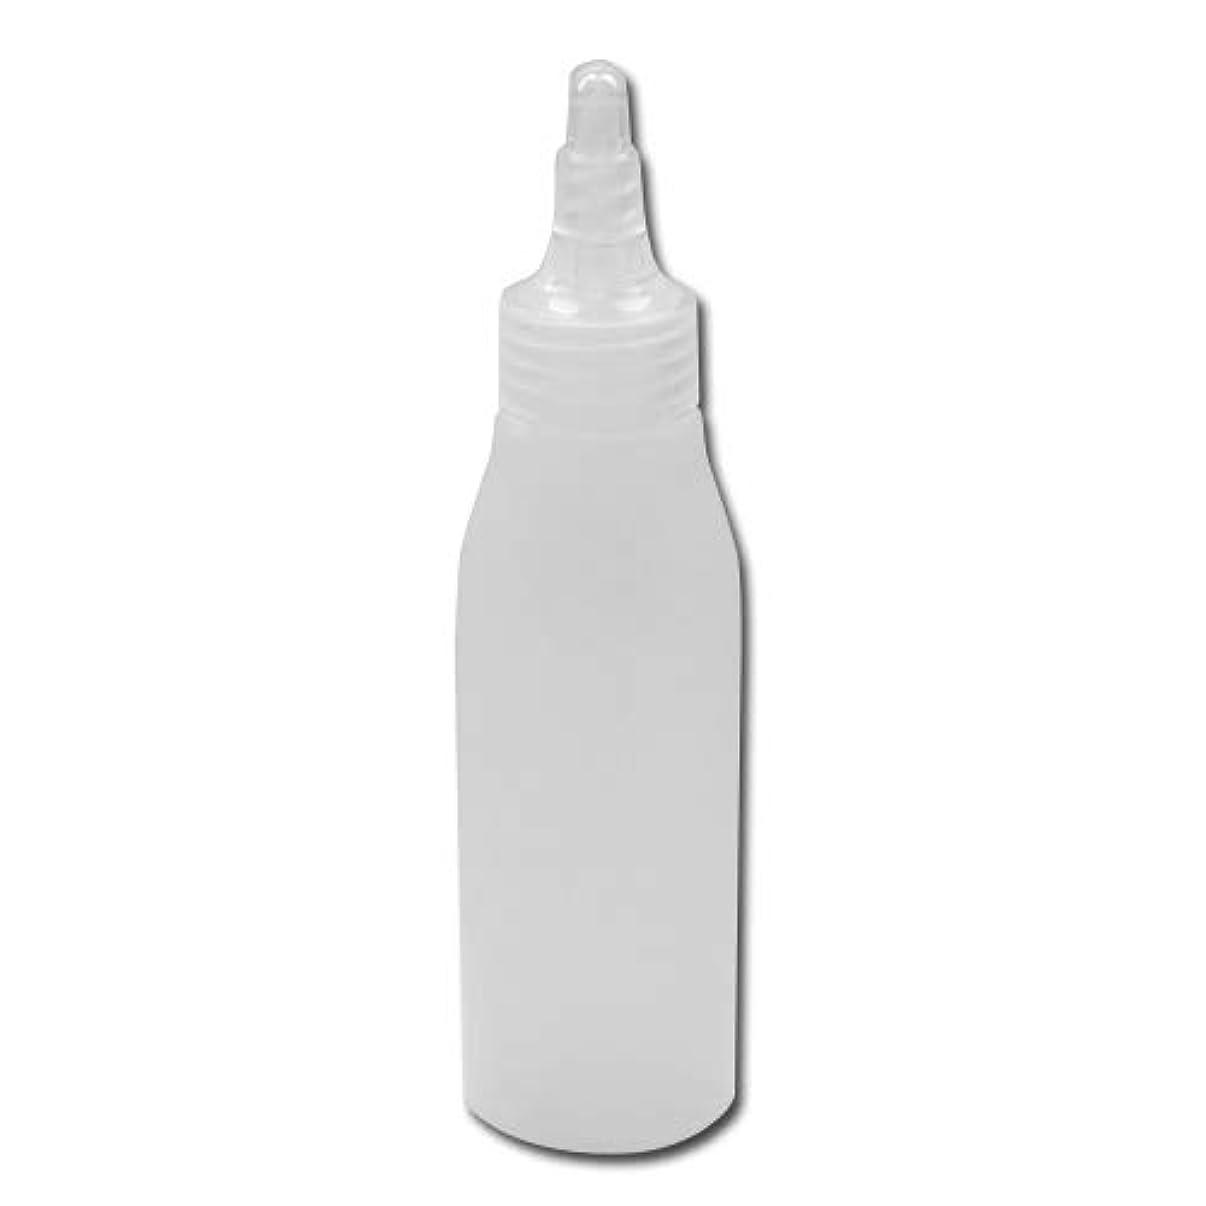 ドレス染料憂慮すべき詰め替え容器100ml 半透明 ツイストキャップ 滑らかなボトルライン ノズル式│シンプル ボディーソープ ローション等の詰替に 小分け 化粧品